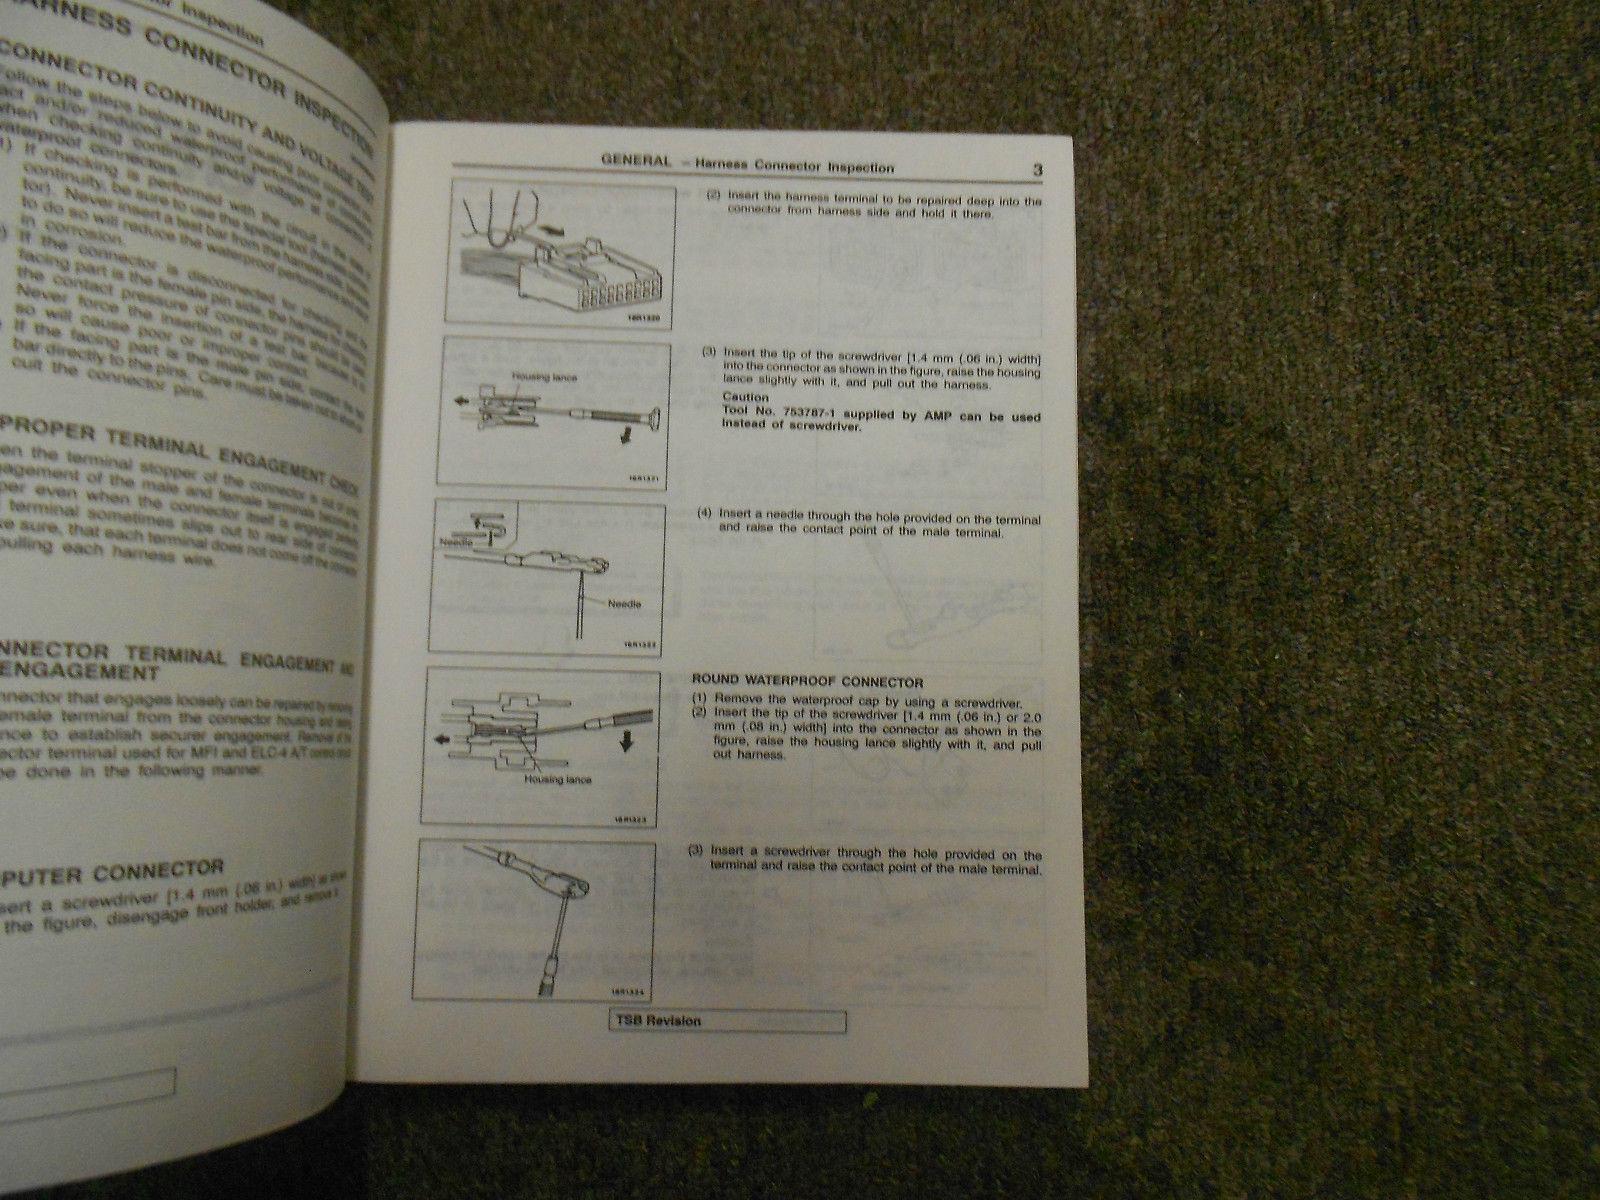 1997 MITSUBISHI Galant Service Repair Shop Manual 3 VOL SET FACTORY OEM BOOK X